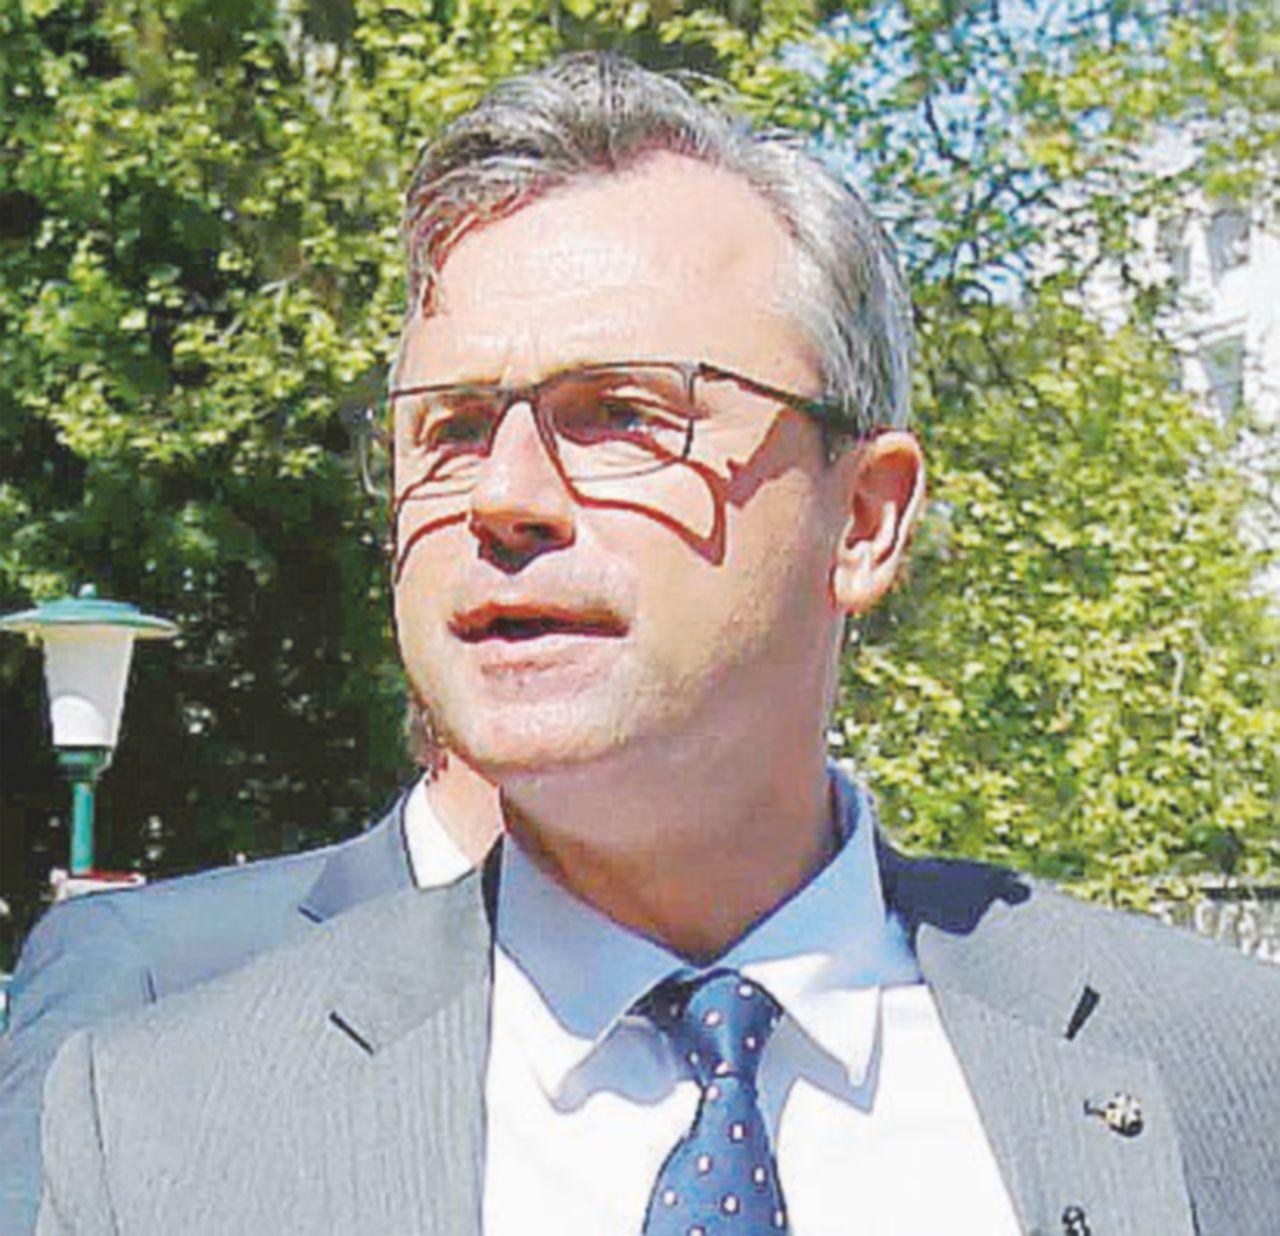 Austria, pareggio per la presidenza Il capo di Stato sarà deciso per posta